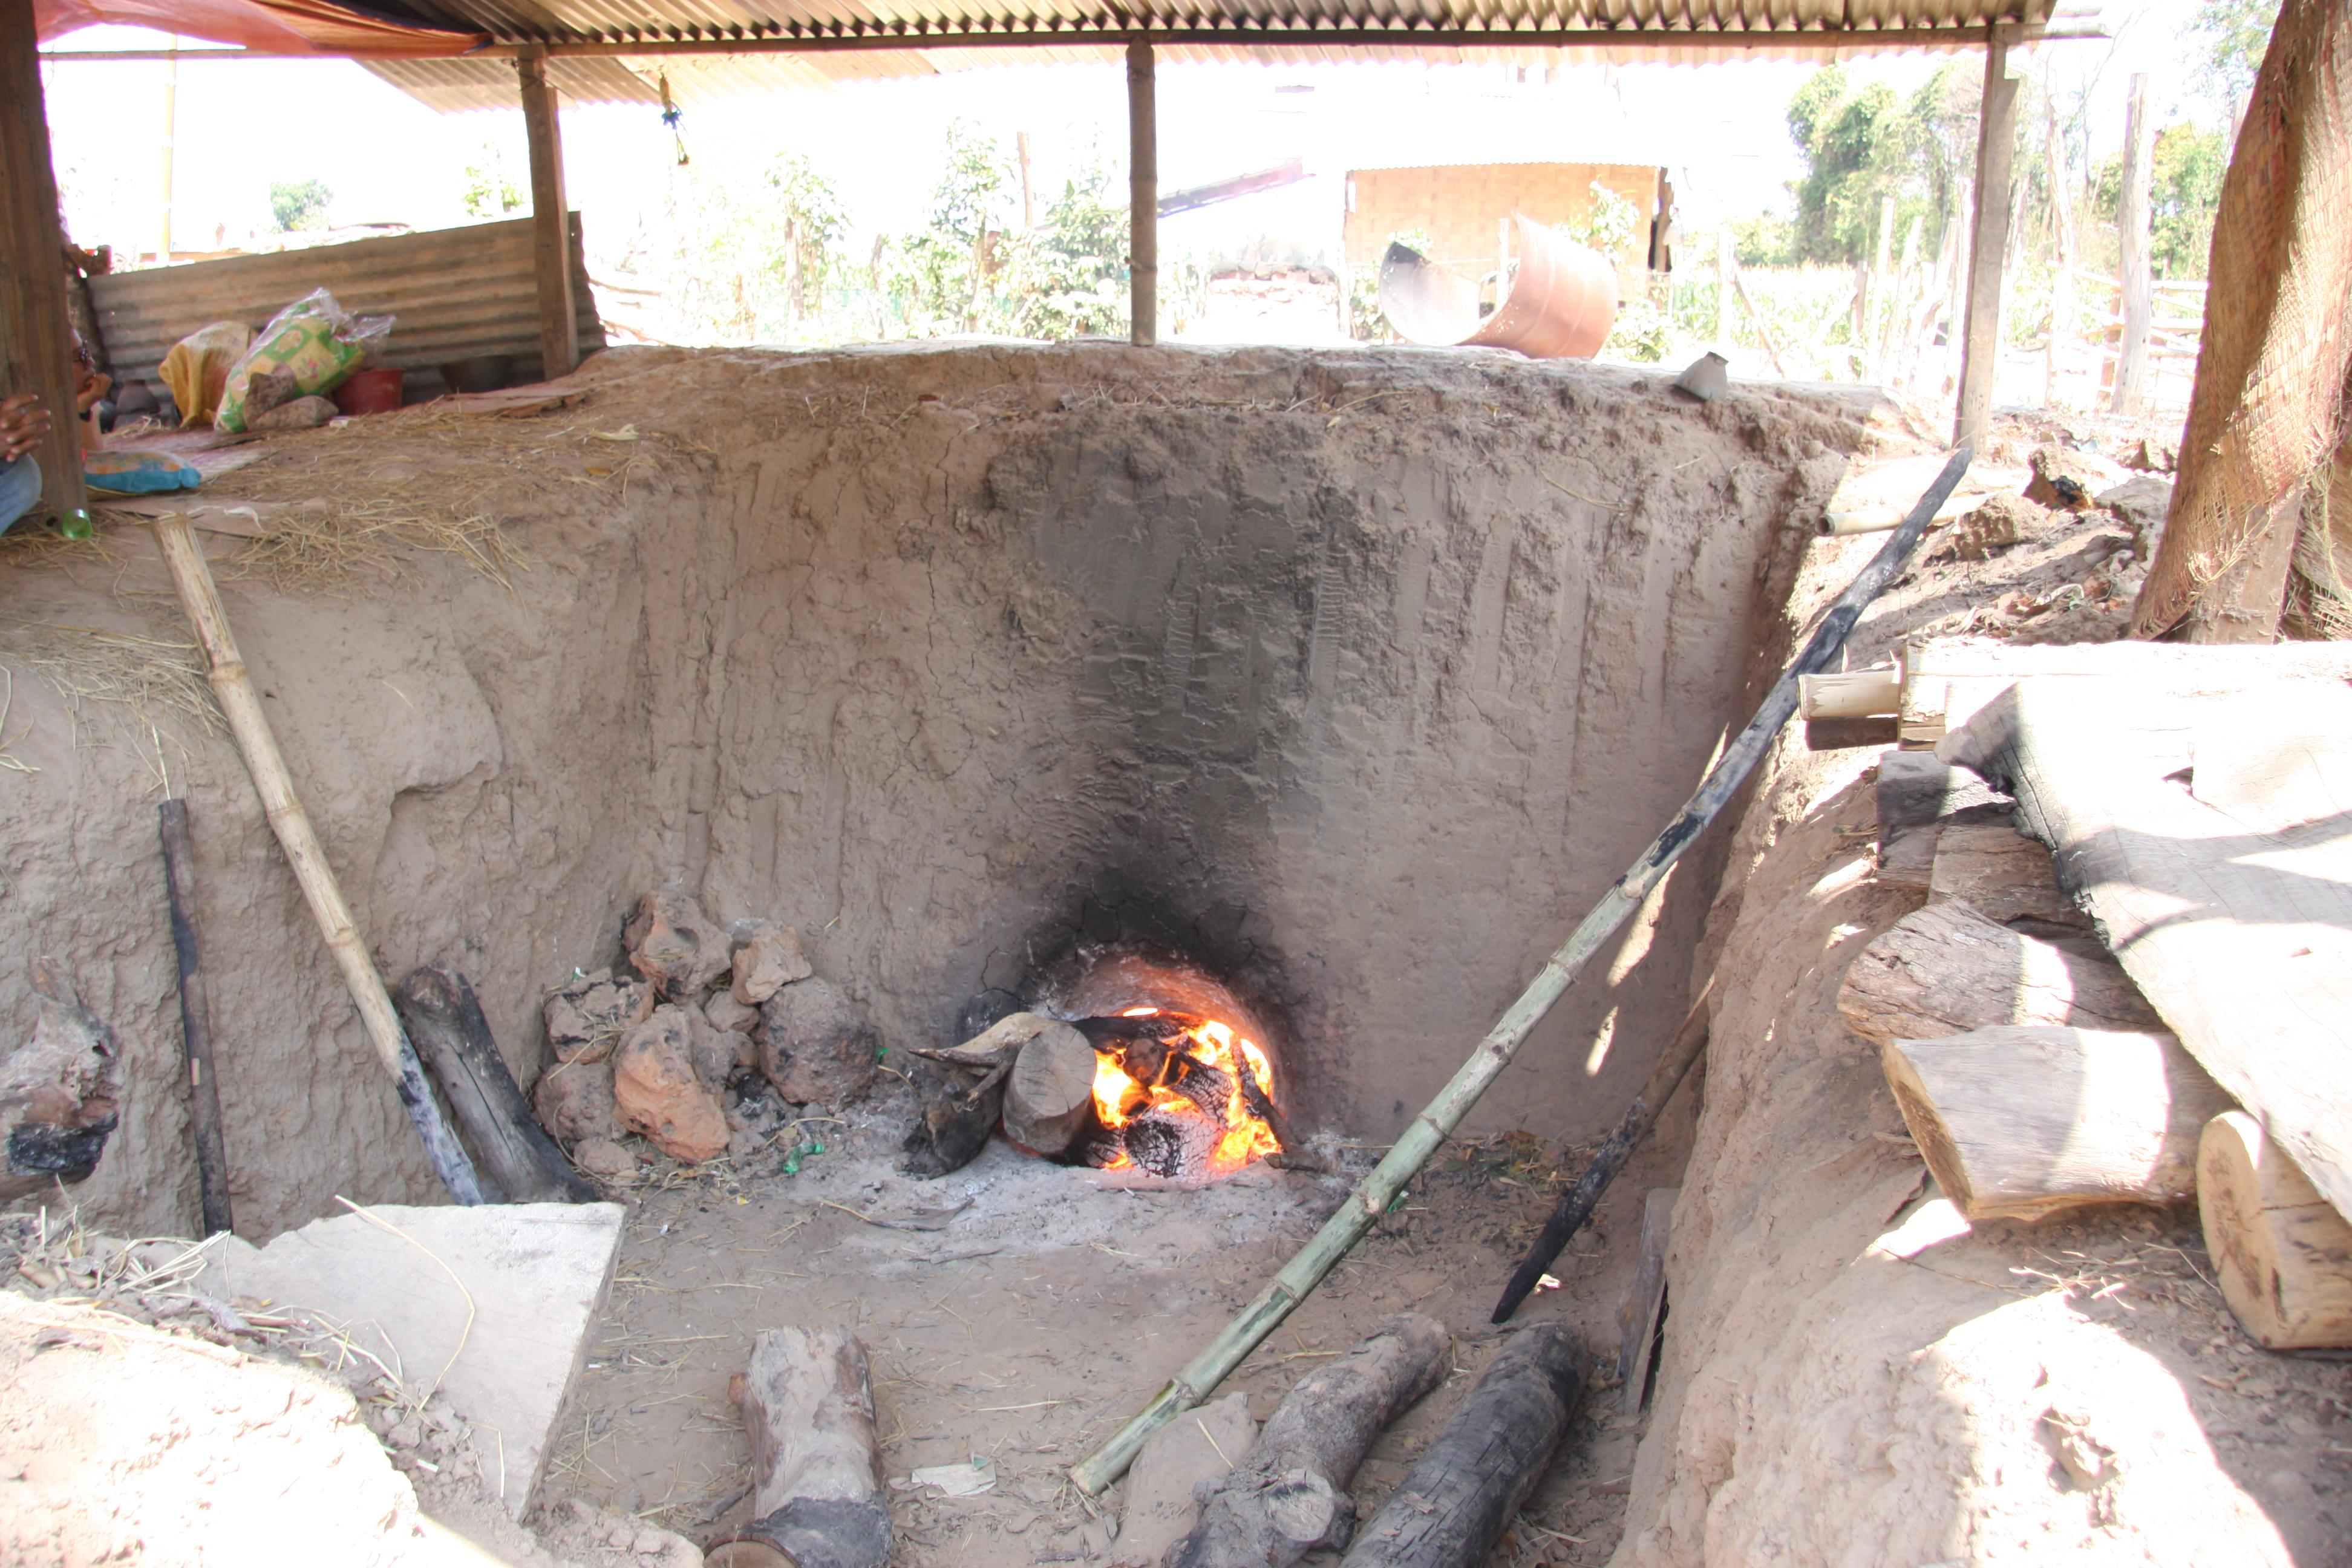 写真6 ノン・ボク村の窖窯で焼成する様子①(撮影:筆者)